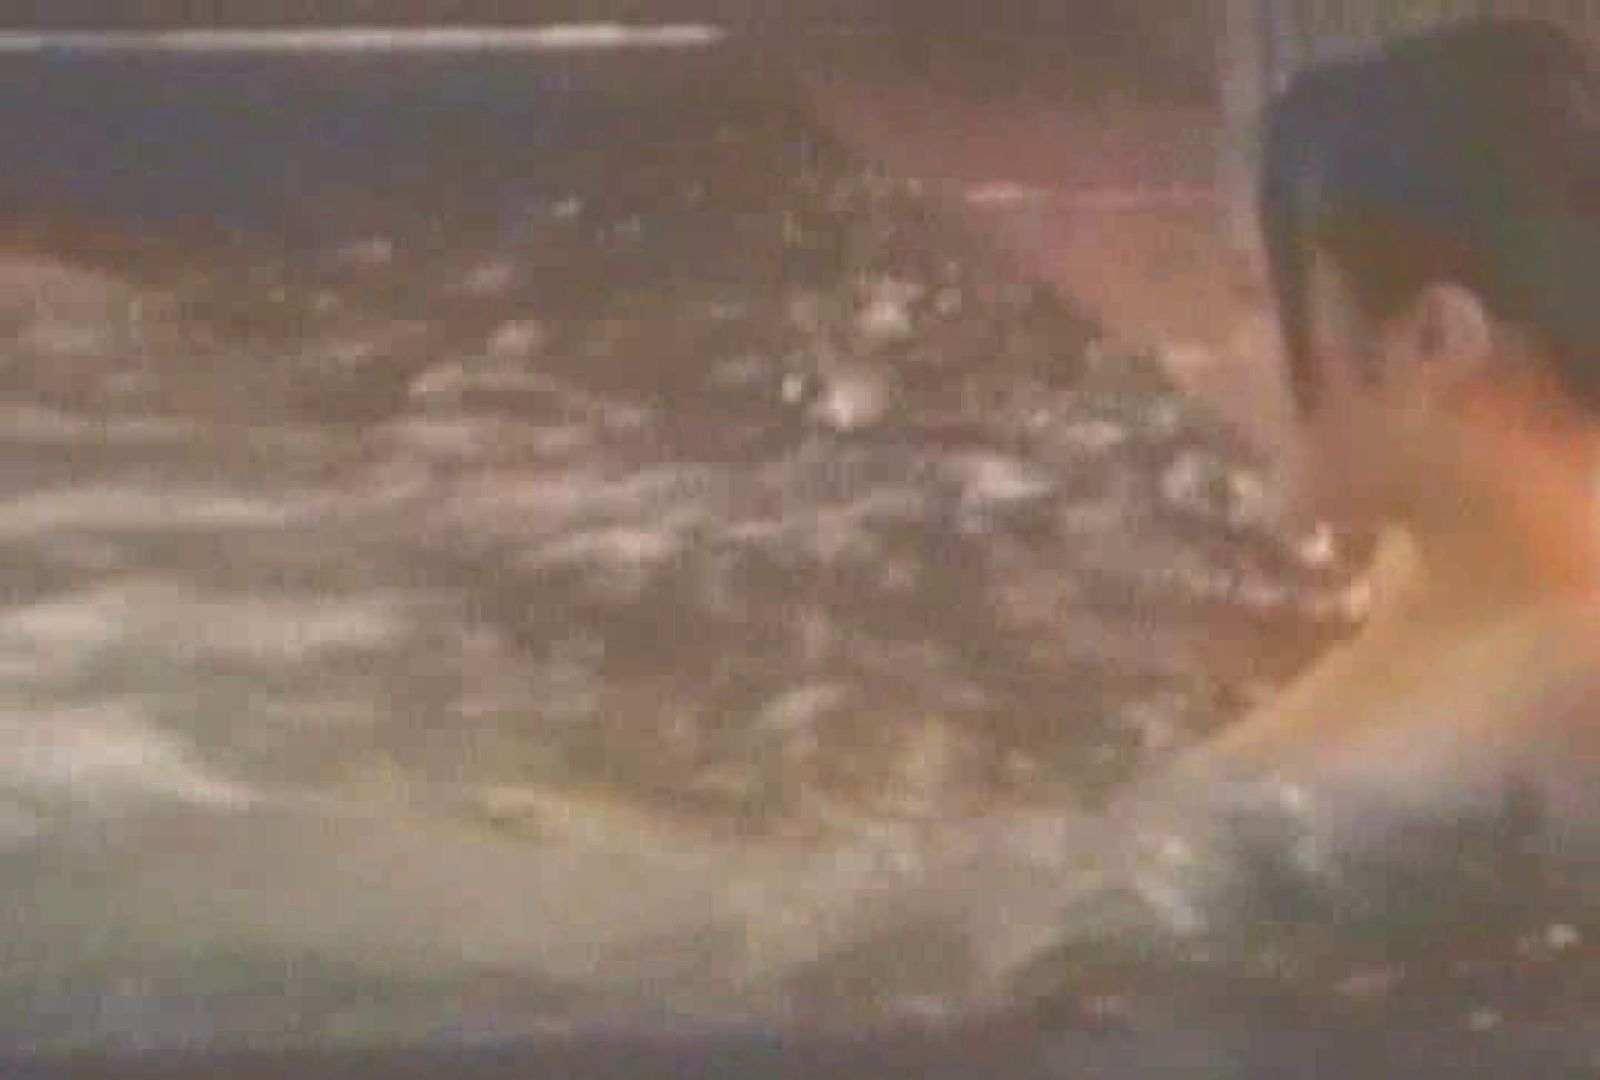 素人投稿シリーズ 盗撮 覗きの穴場 大浴場編  Vol.2 0  112pic 102